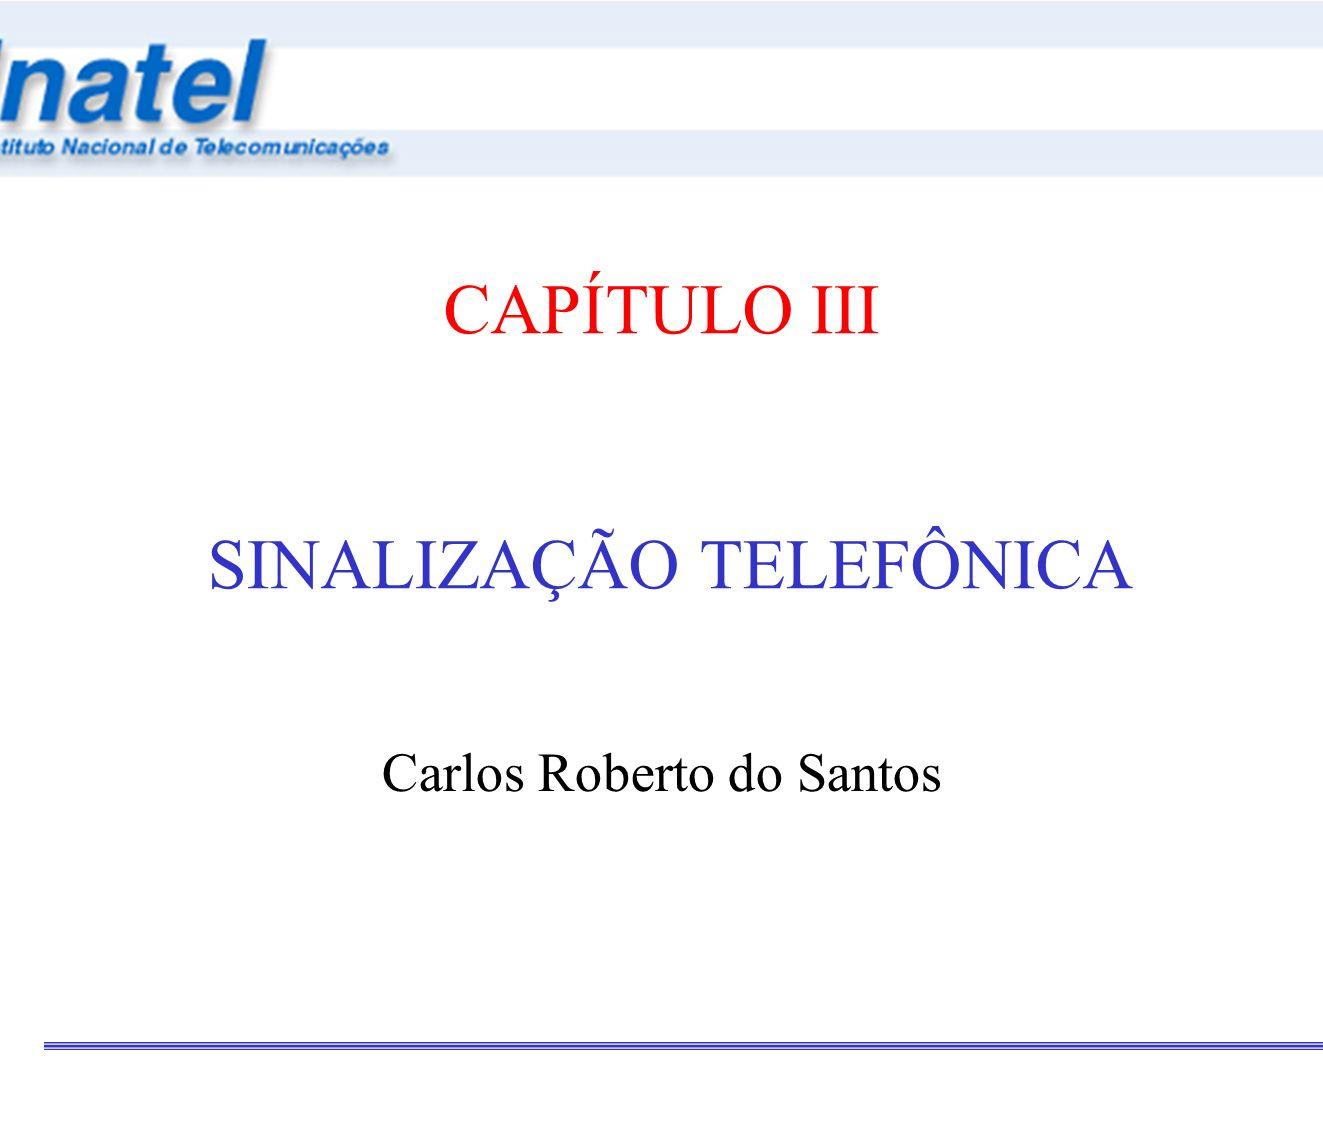 CAPÍTULO III SINALIZAÇÃO TELEFÔNICA Carlos Roberto do Santos